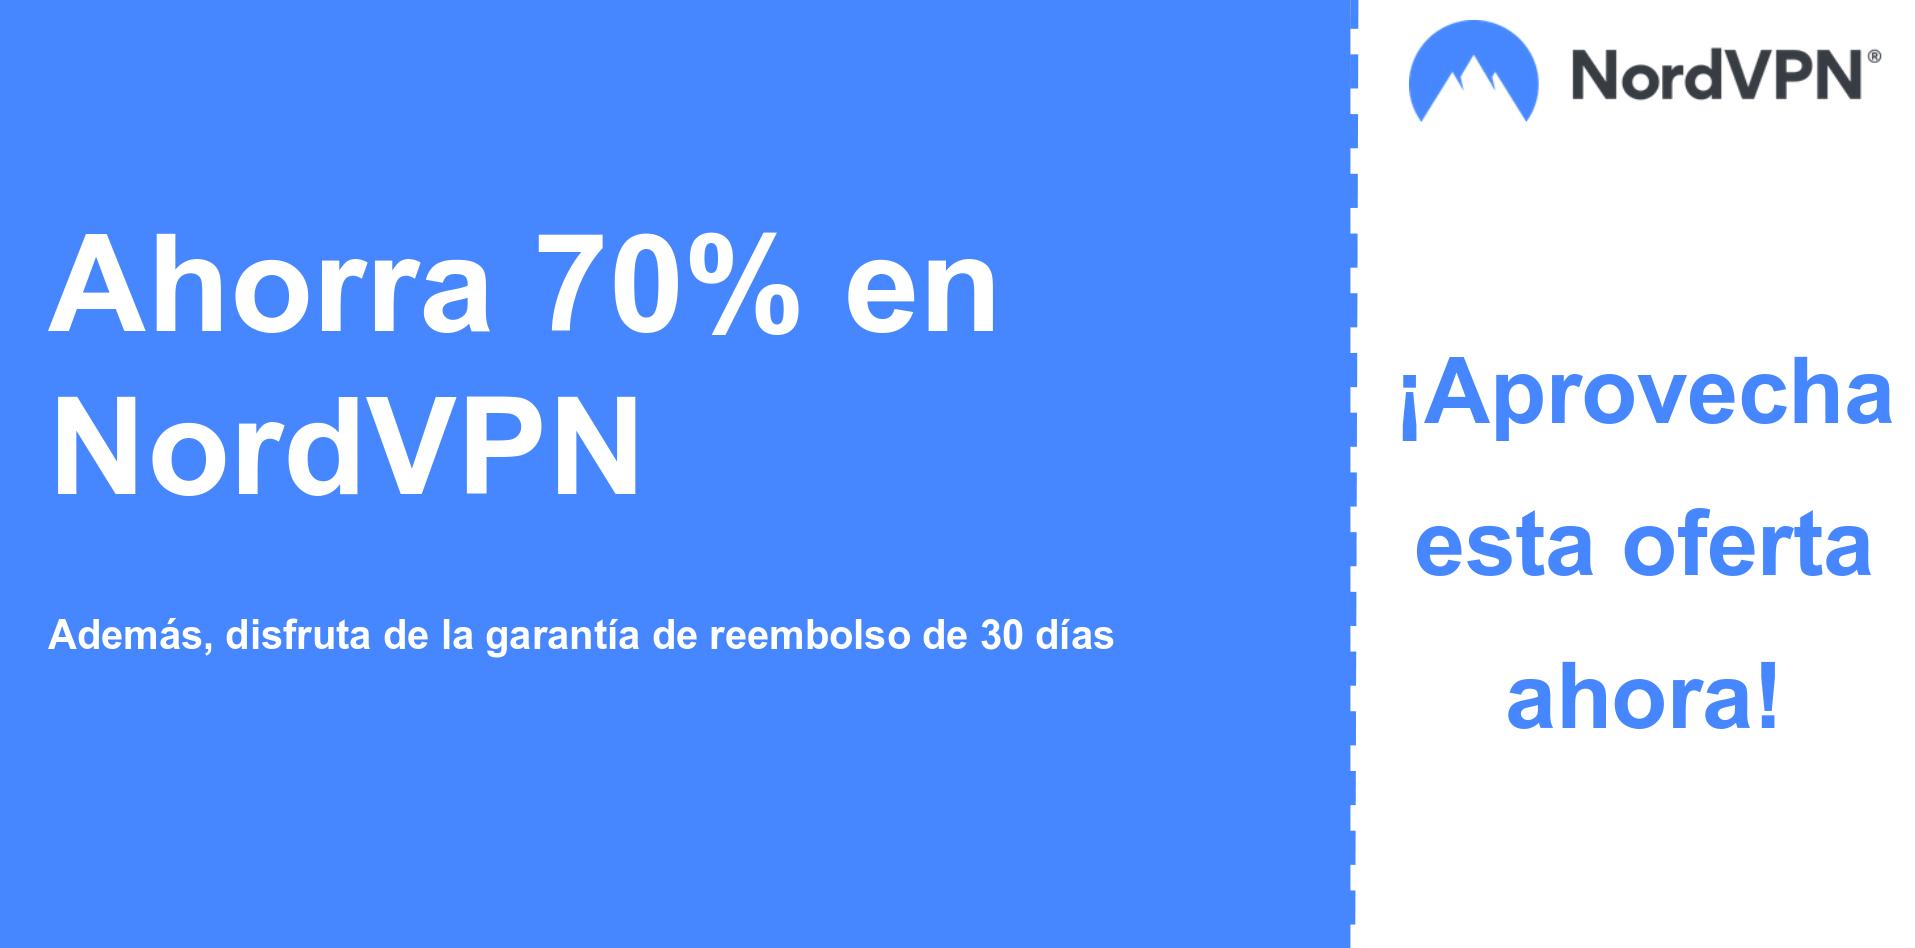 gráfico del banner del cupón principal de Nordvpn que muestra un 70% de descuento